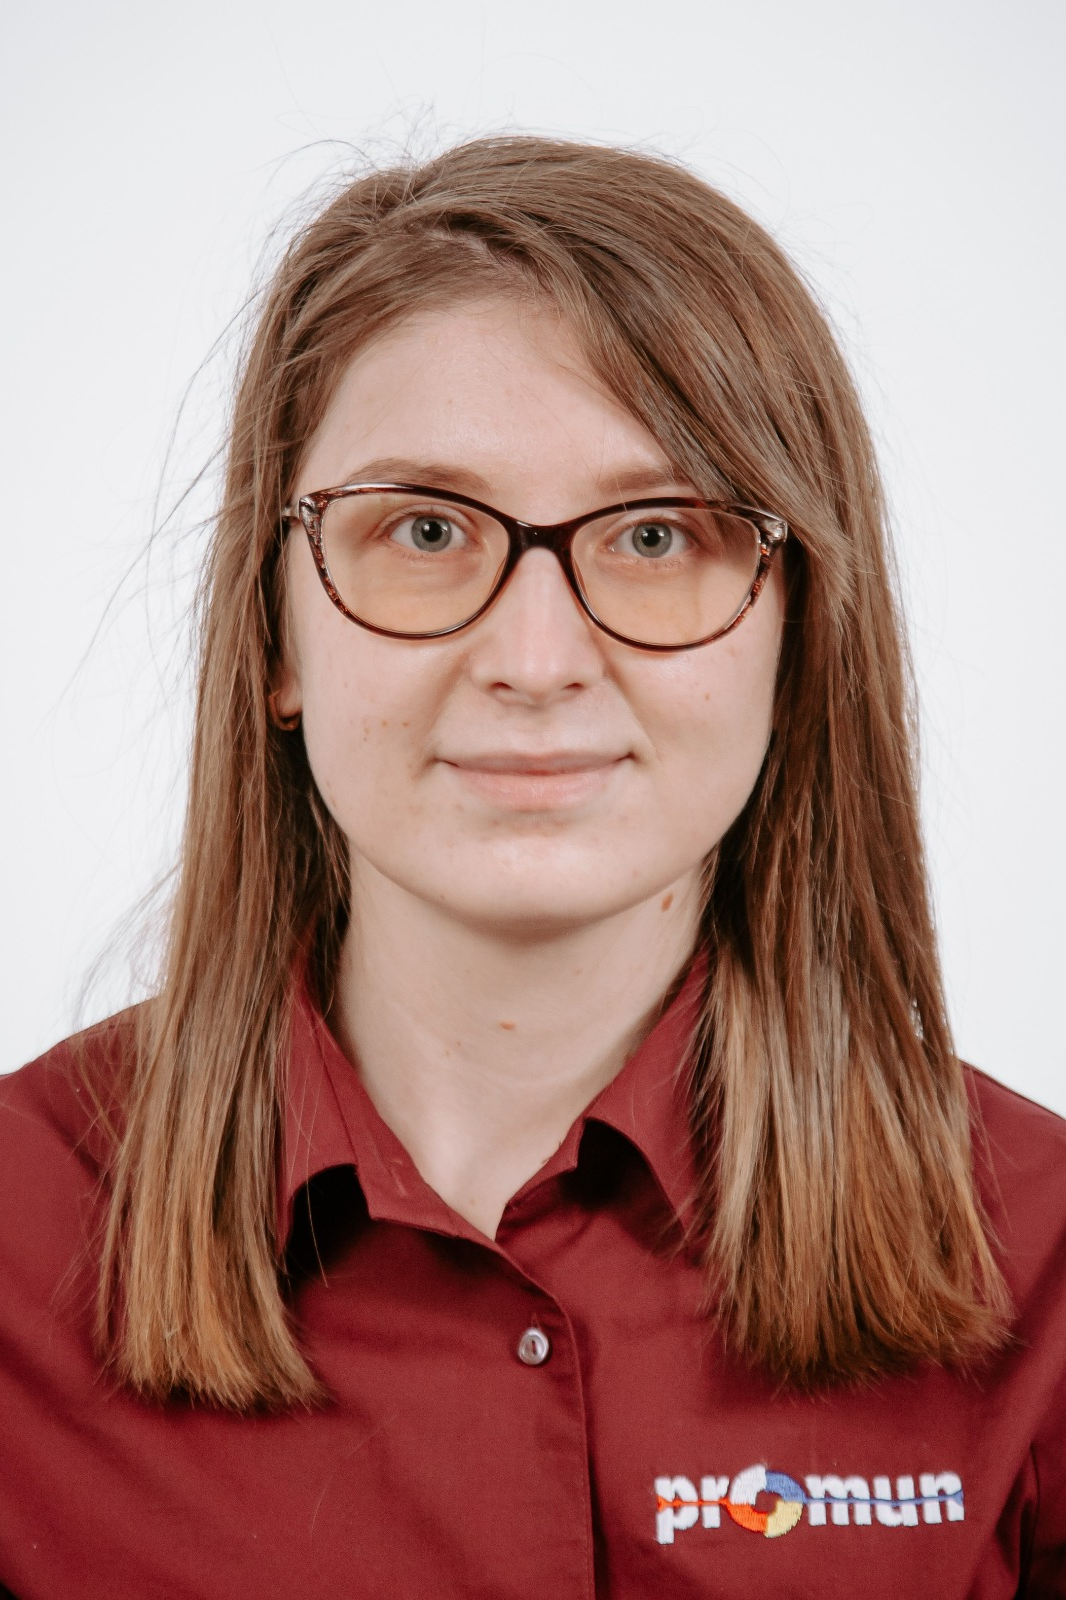 Adriana Stiop